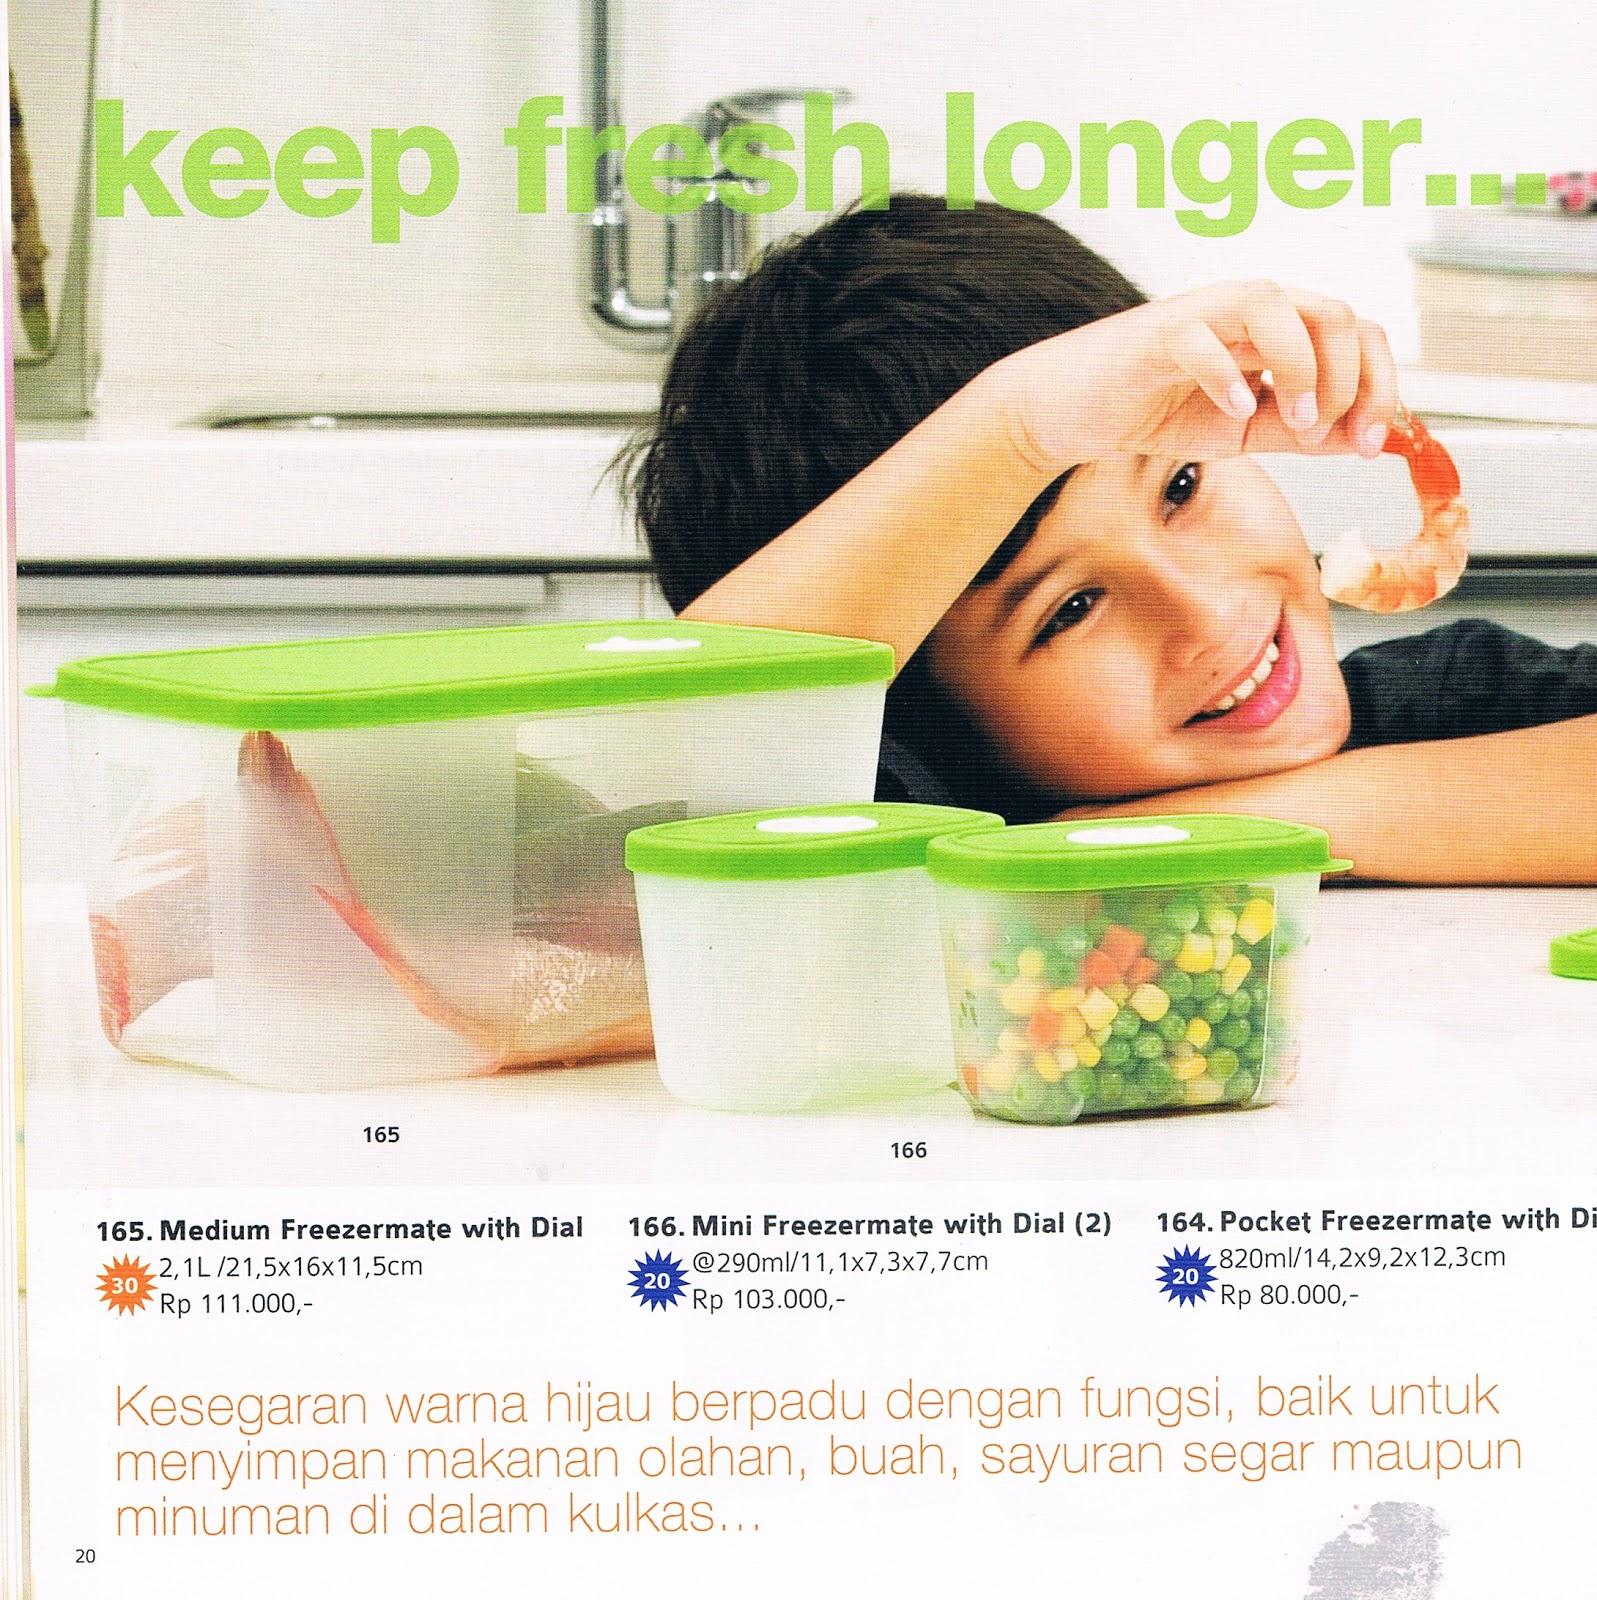 Katalog Reguler Terbaru Tupperware Edisi November 2012 Aliatupperware Pocket Freezermate With Dial